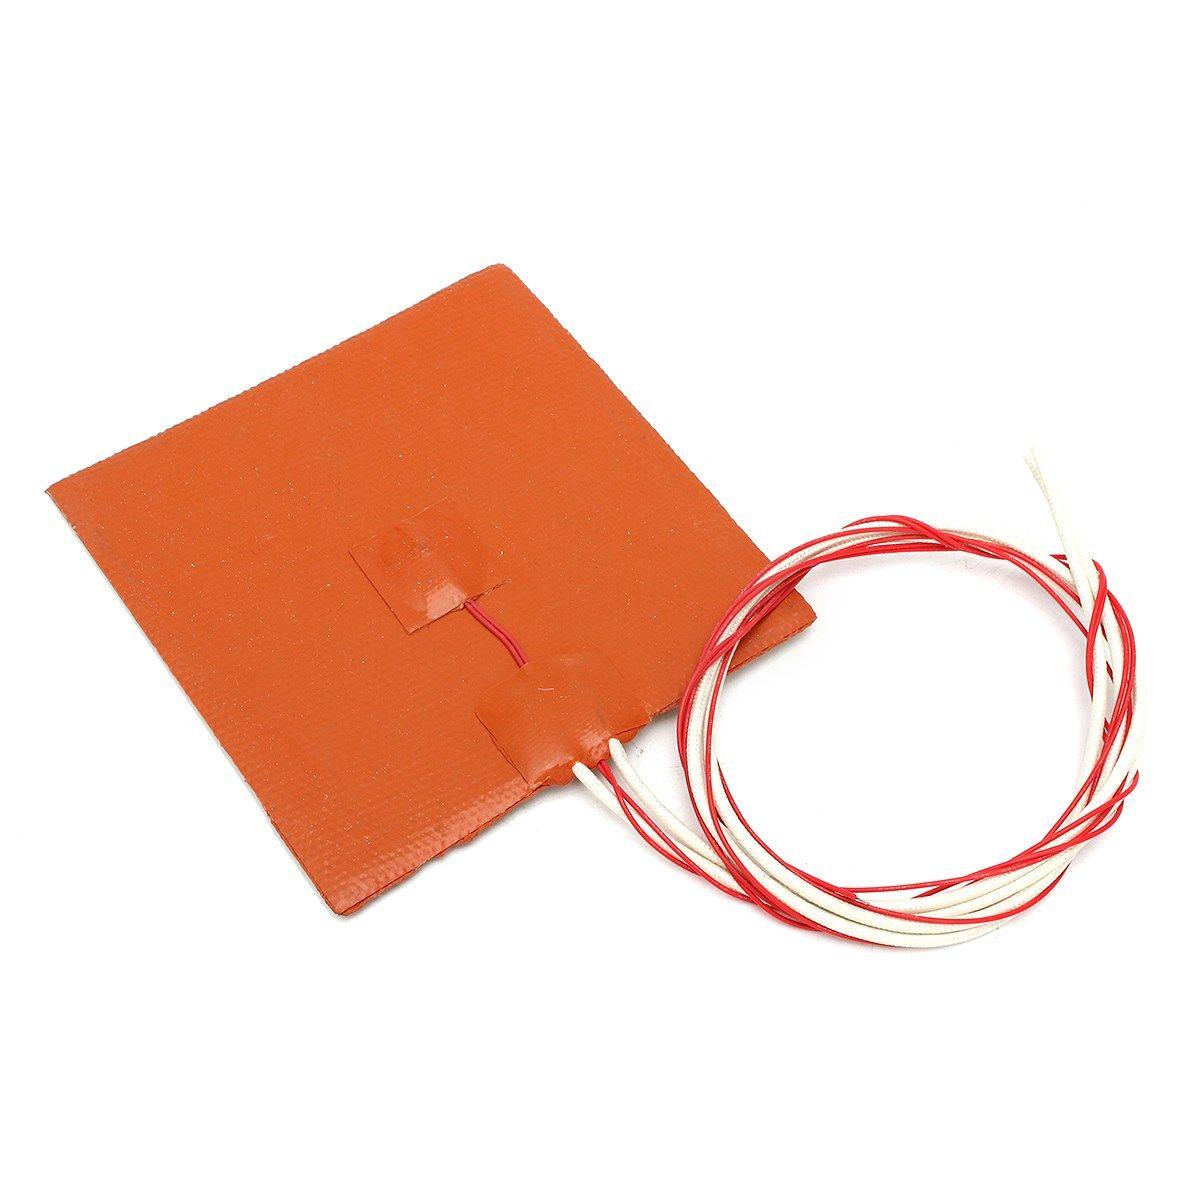 Nouveau 12x12 cm 120 W 12 V Silicone Chauffe Pad Pour 3D Imprimante Lit Chauffé Chauffage Tapis 3D imprimante Pièces & Accessoires